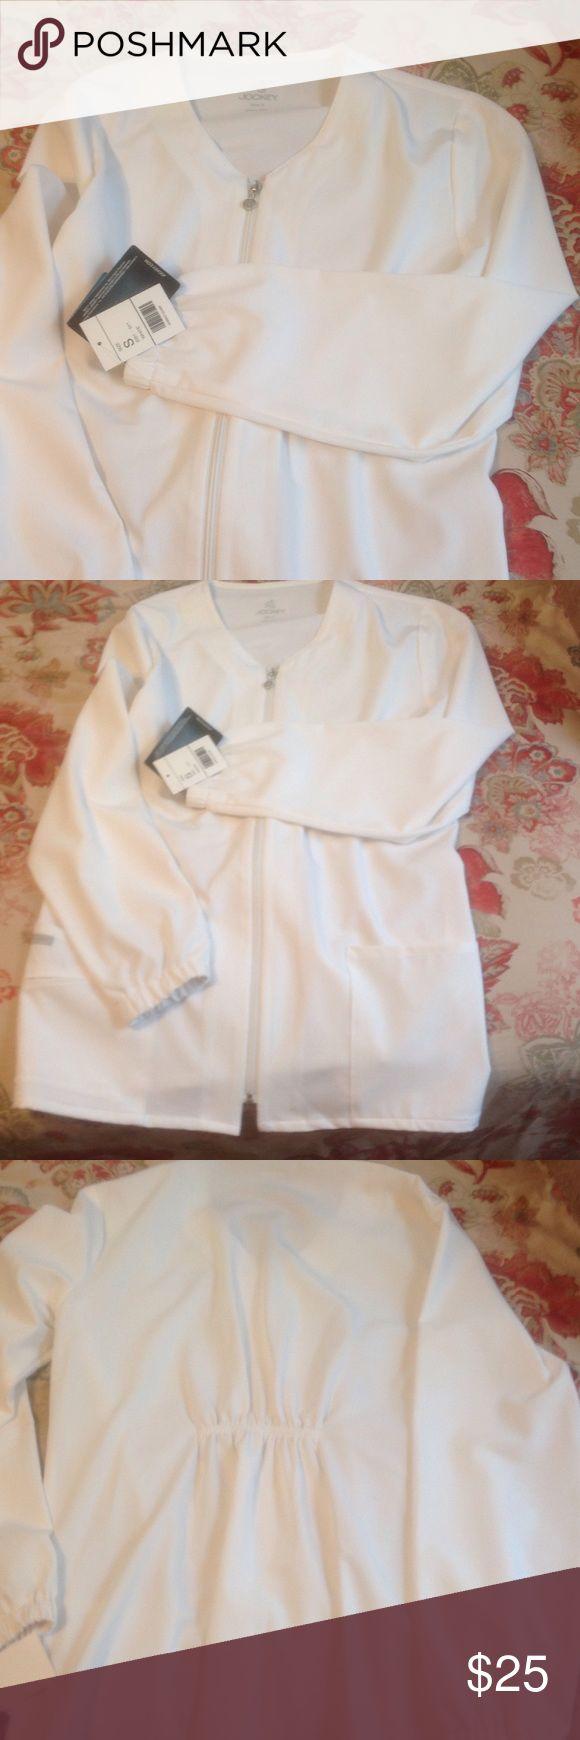 NWT Women's scrub jacket- small NWT Jockey white scrub coat. Size small.  Cute zipper scrub jacket with 2 front pockets and a gathered back. Jockey Jackets & Coats